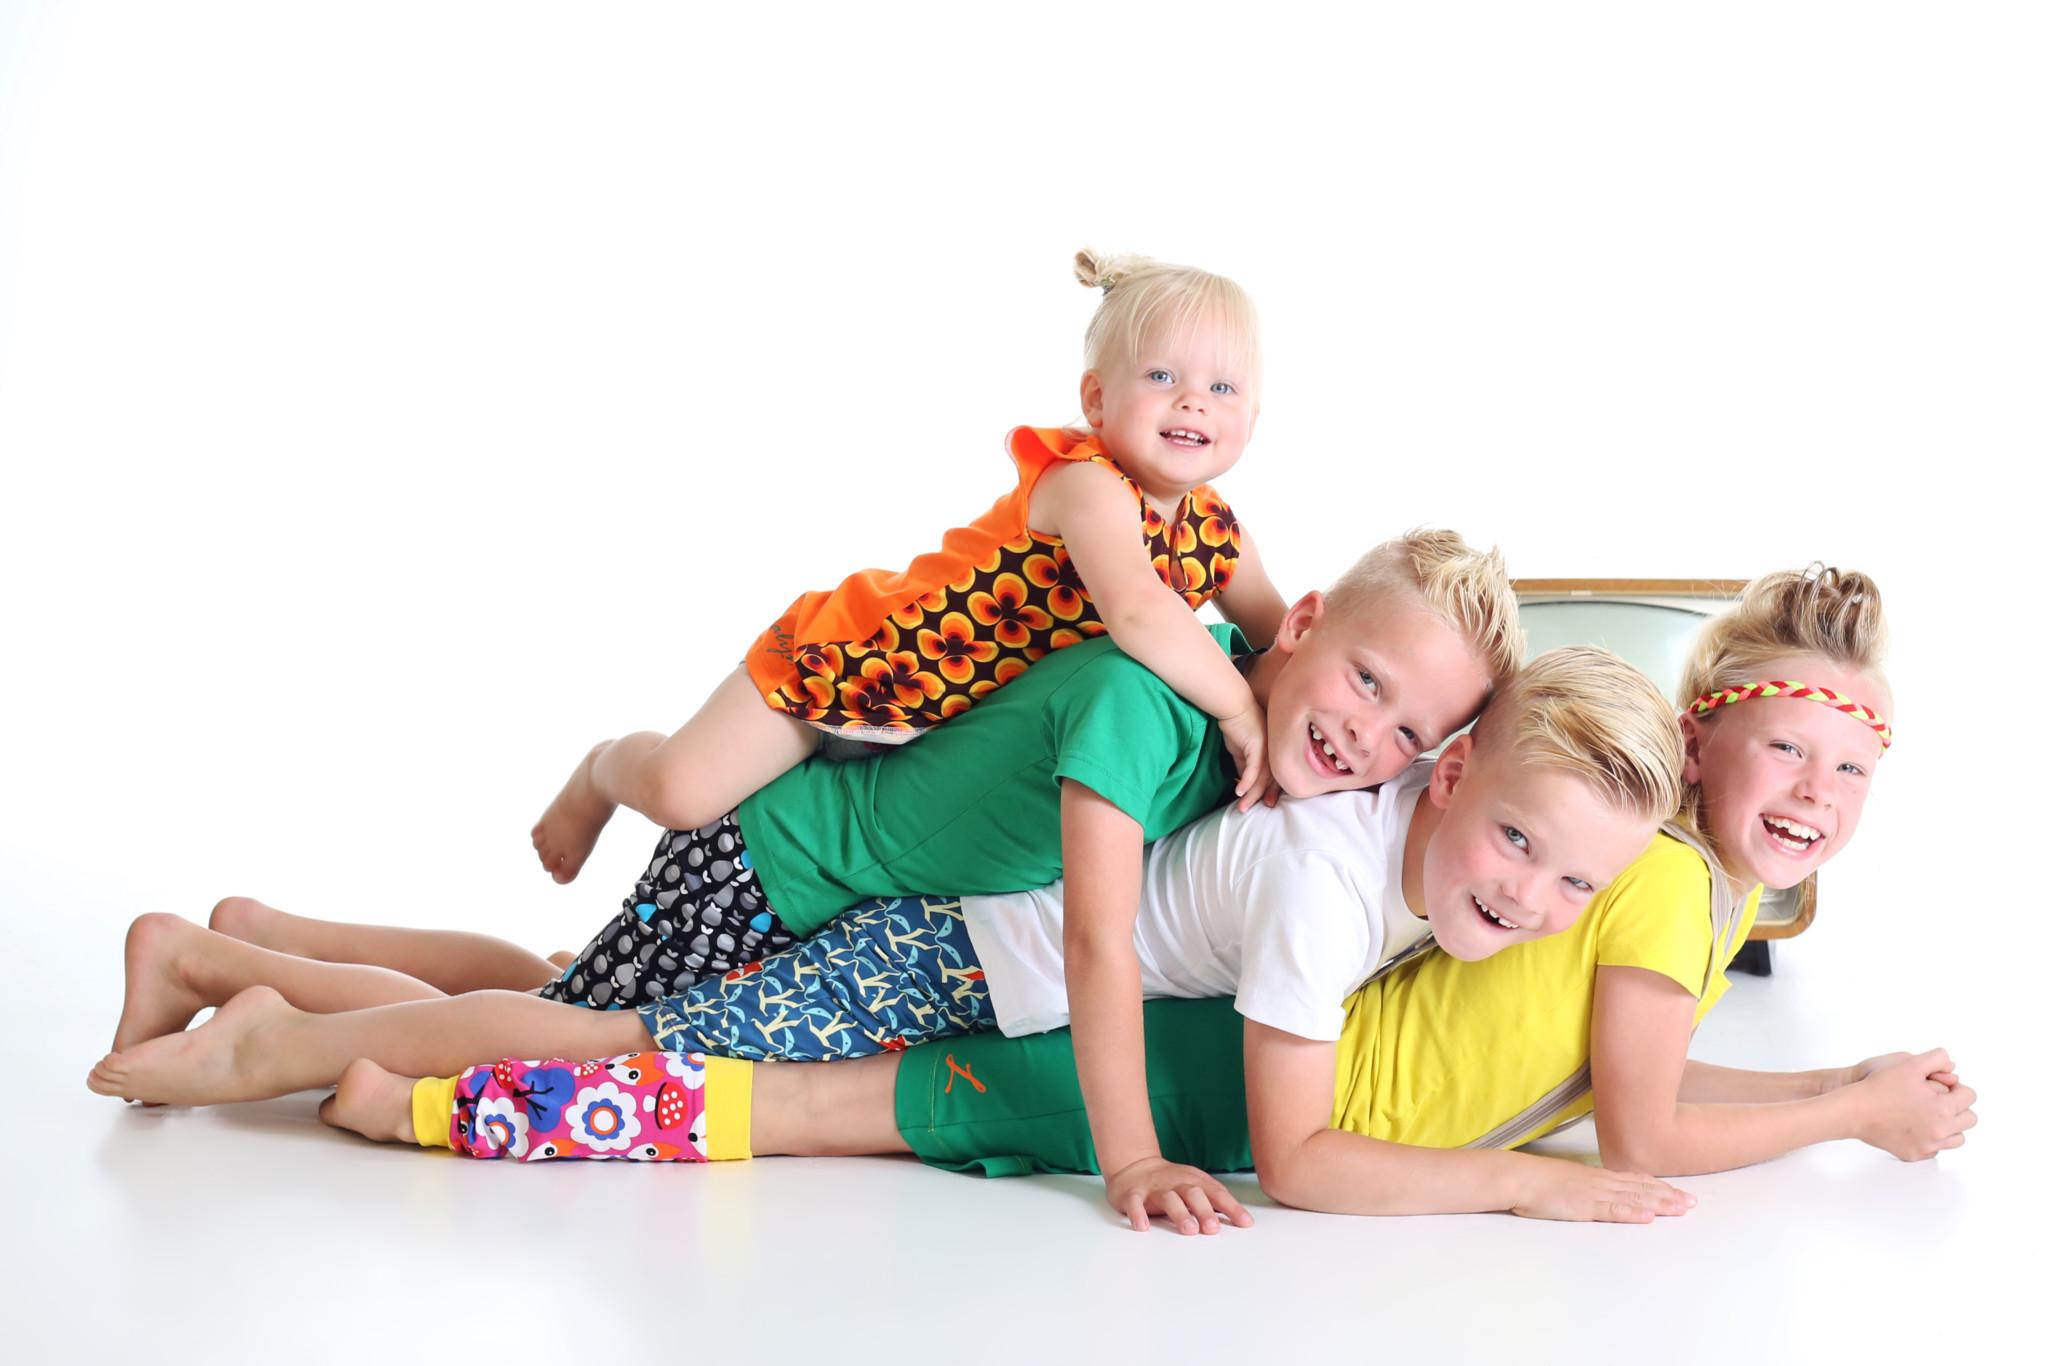 ThemaShoot - Kids- Kidsfotografie-Suus' FotoSjop - Oldenzaal - Twente - Hengelo - Enschede